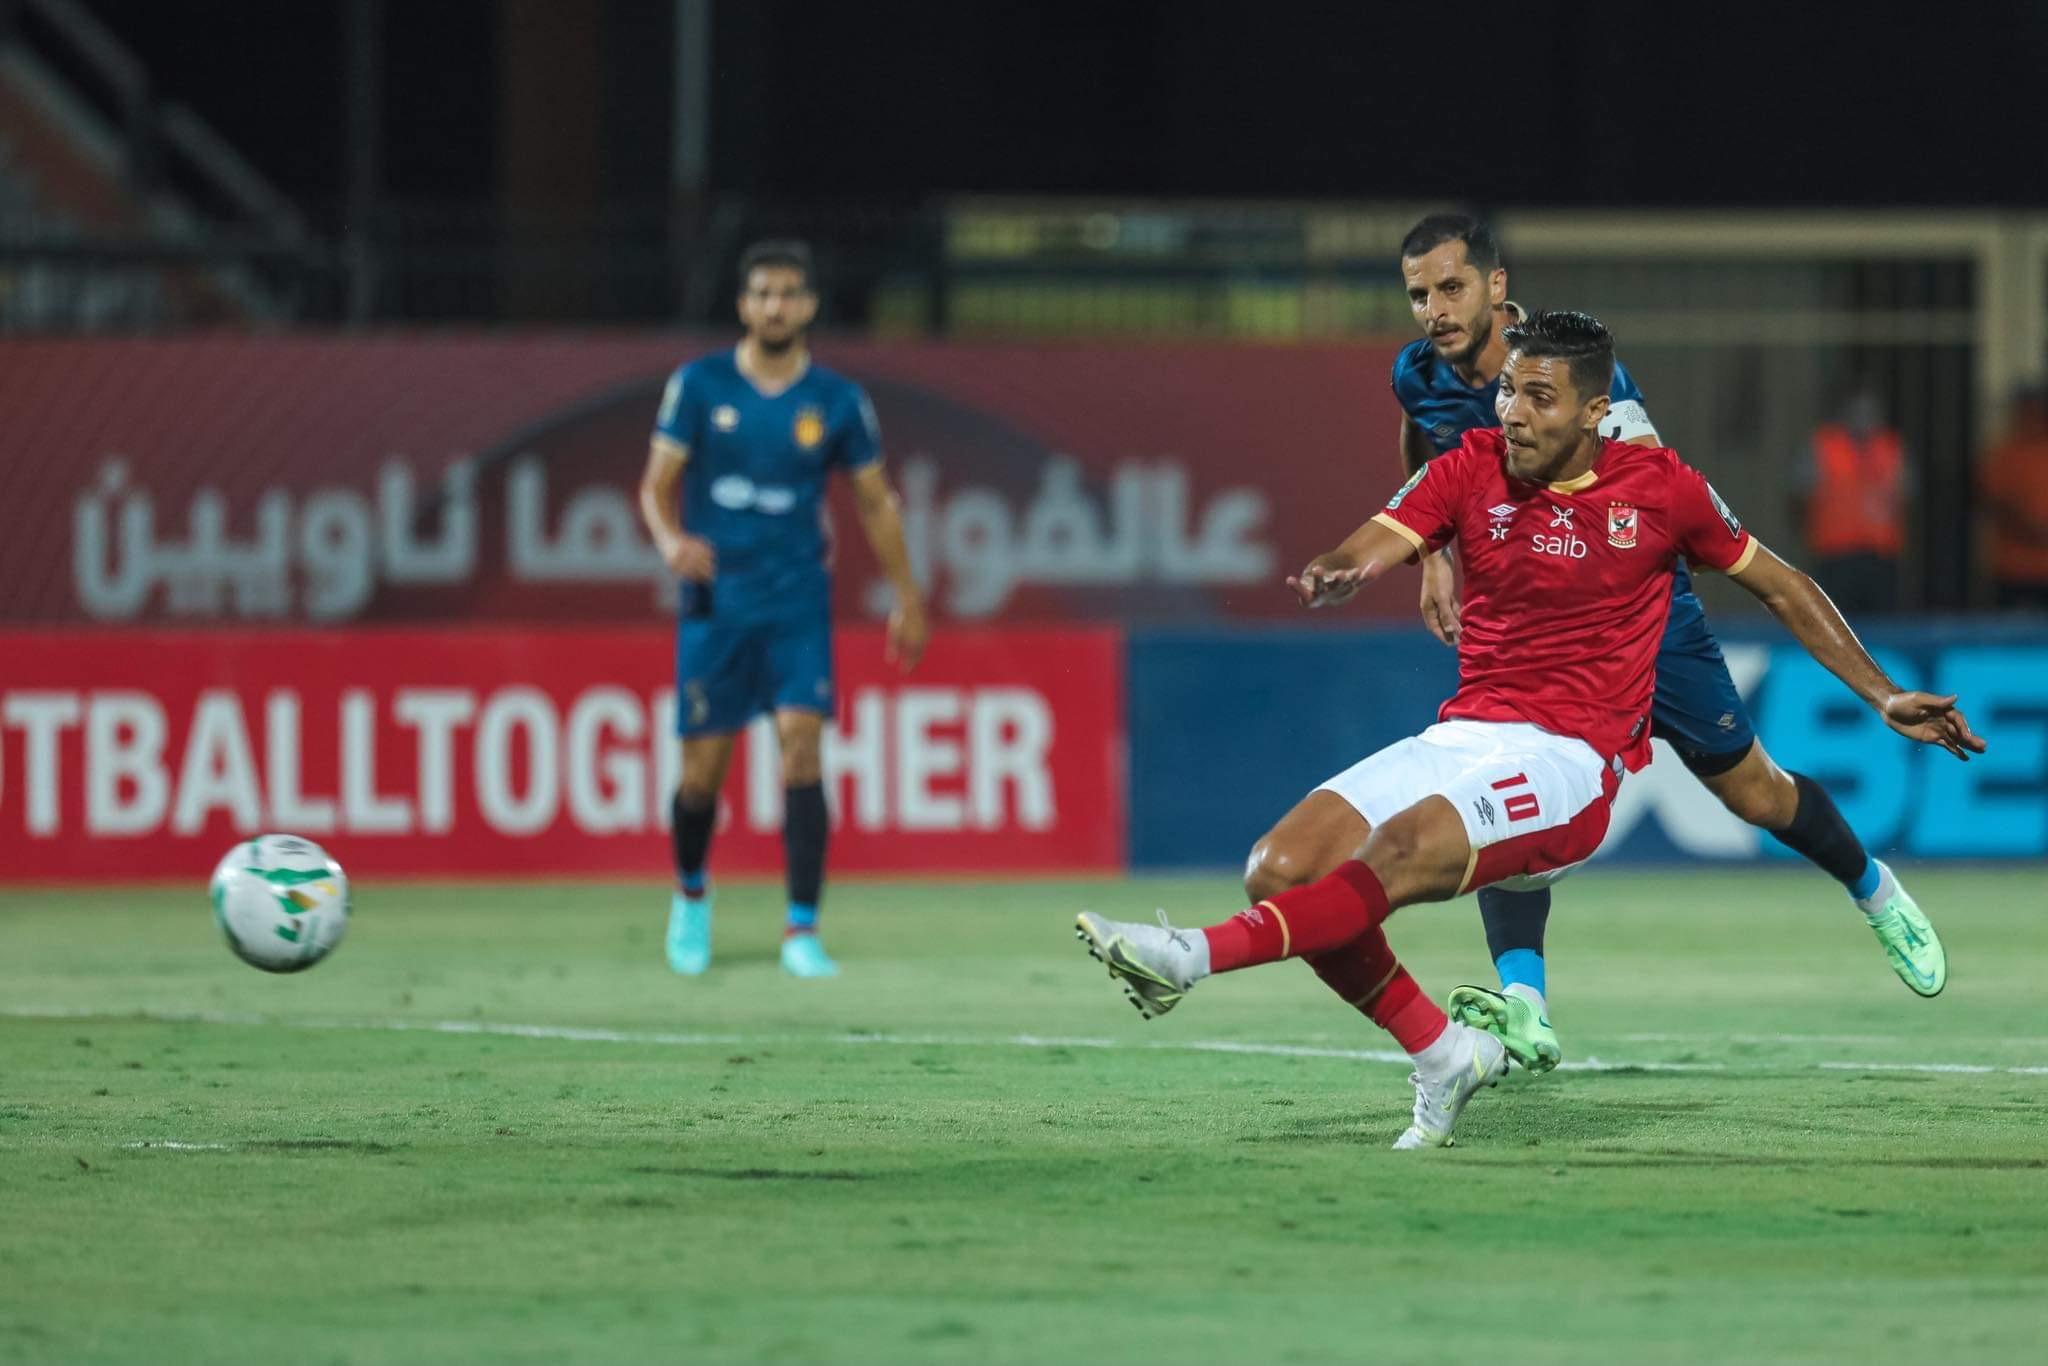 دوري أبطال إفريقيا  محمد شريف يسجل الهدف الثاني للأهلي في مرمى الترجي